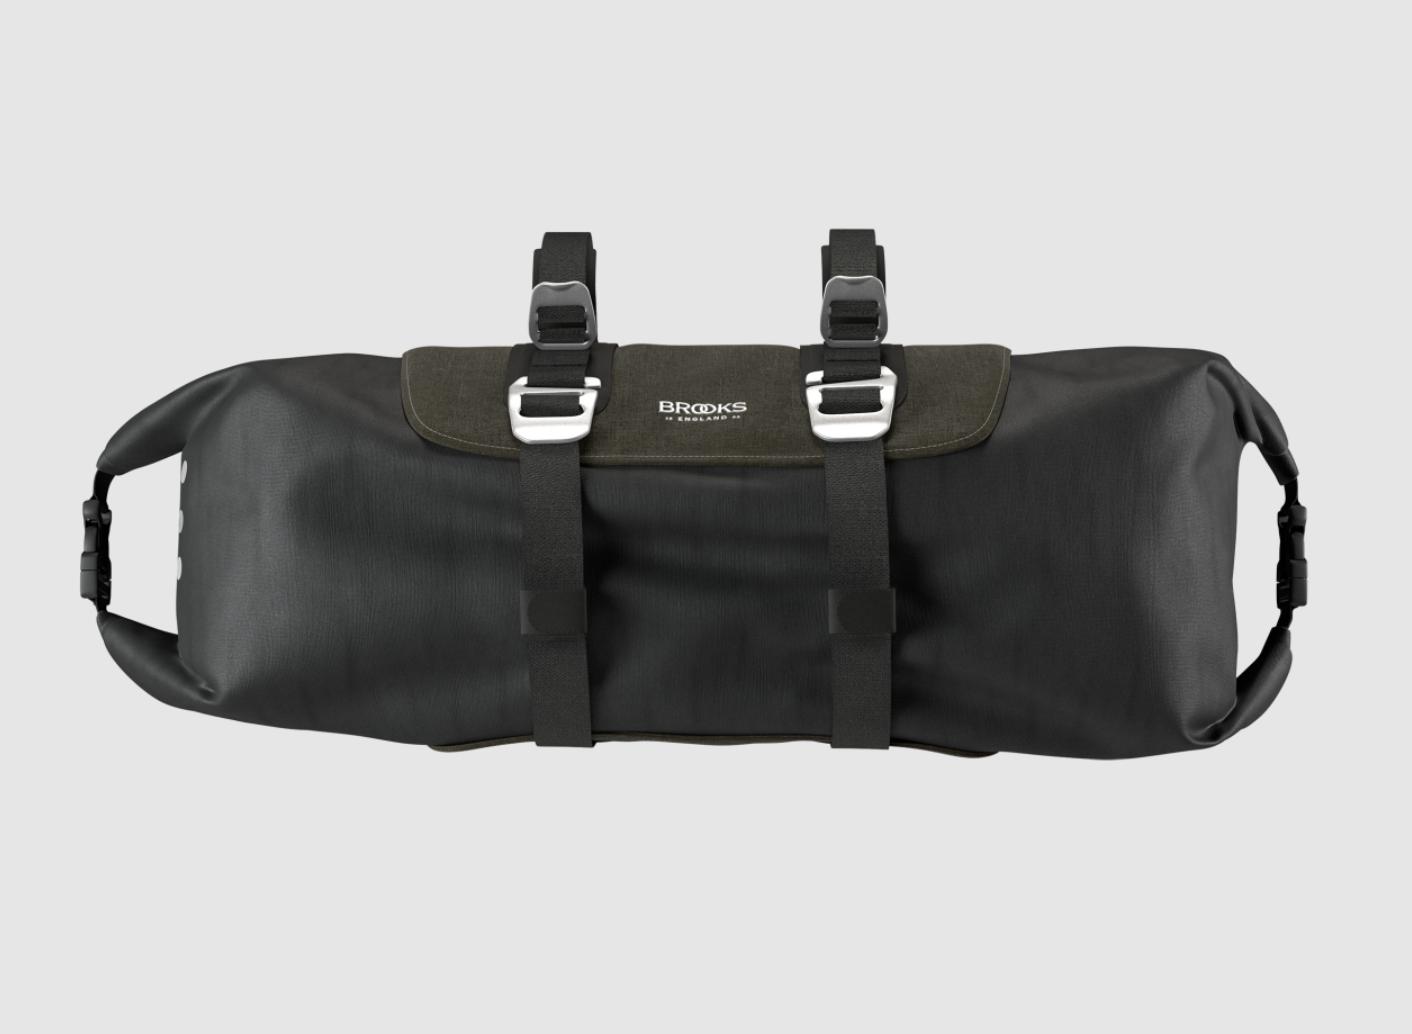 Brooks Scape Handlebar Compact Bag Lenkertasche Wasserfest